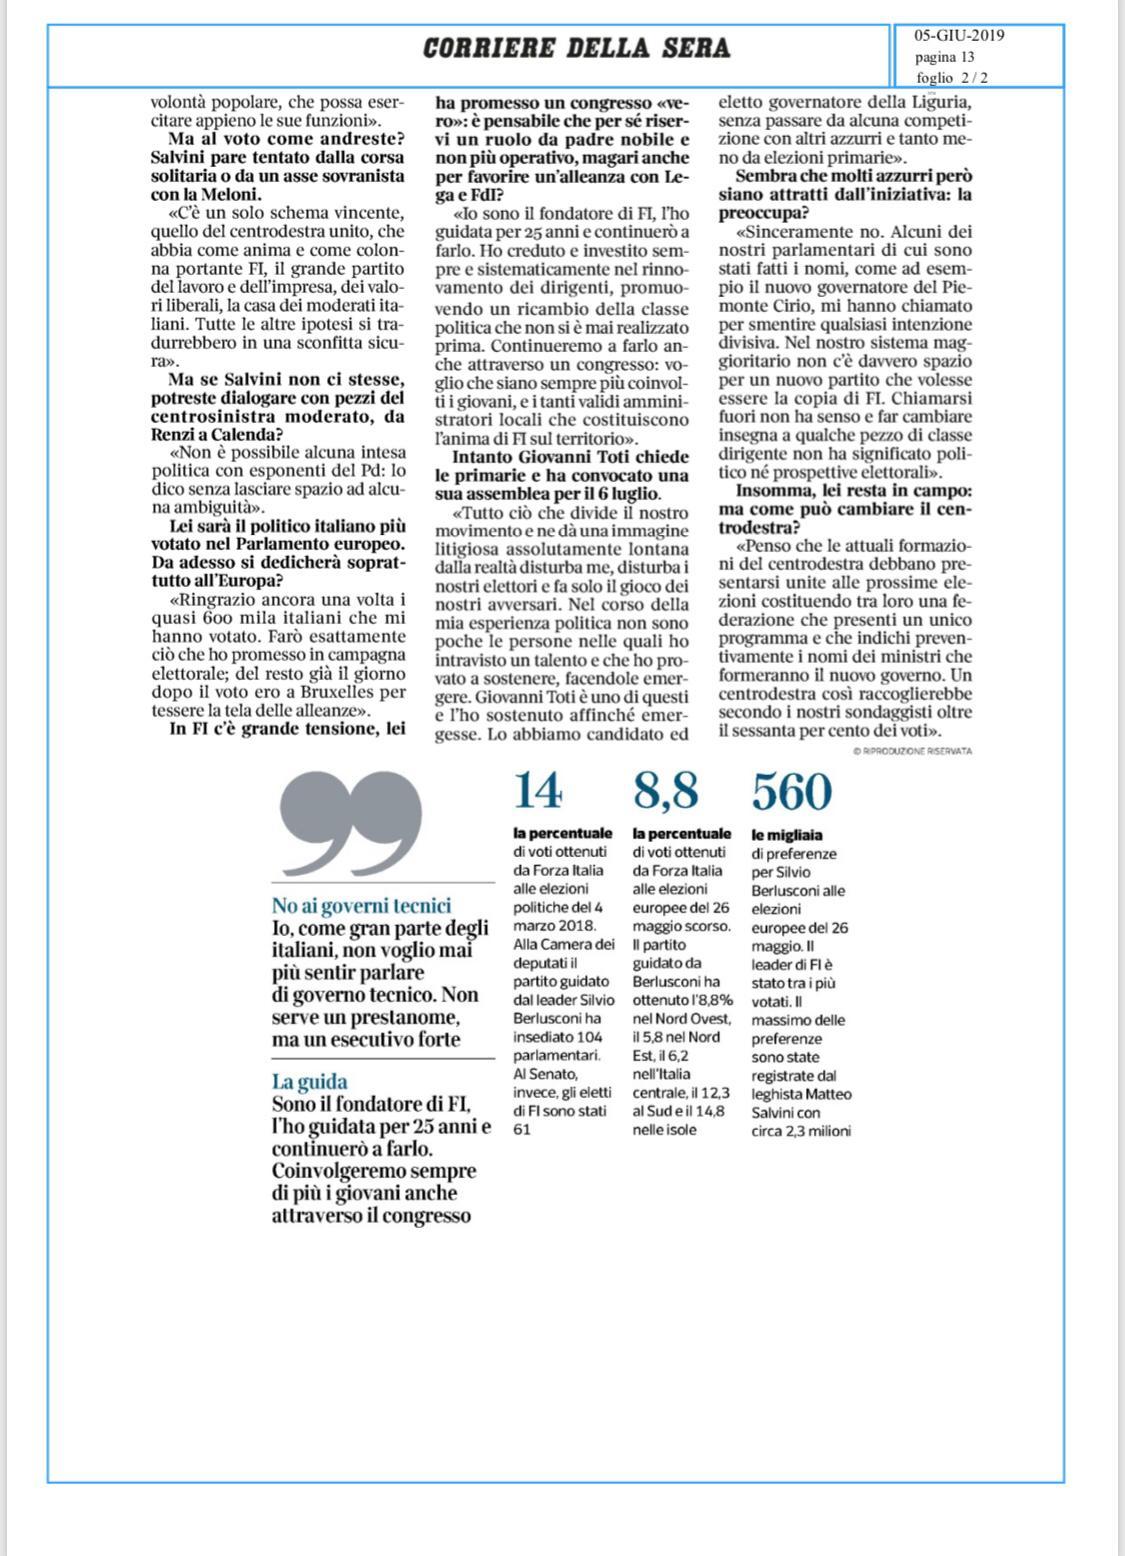 Berlusconi al Corriere: Torniamo alle urne, no ai governi tecnici 4